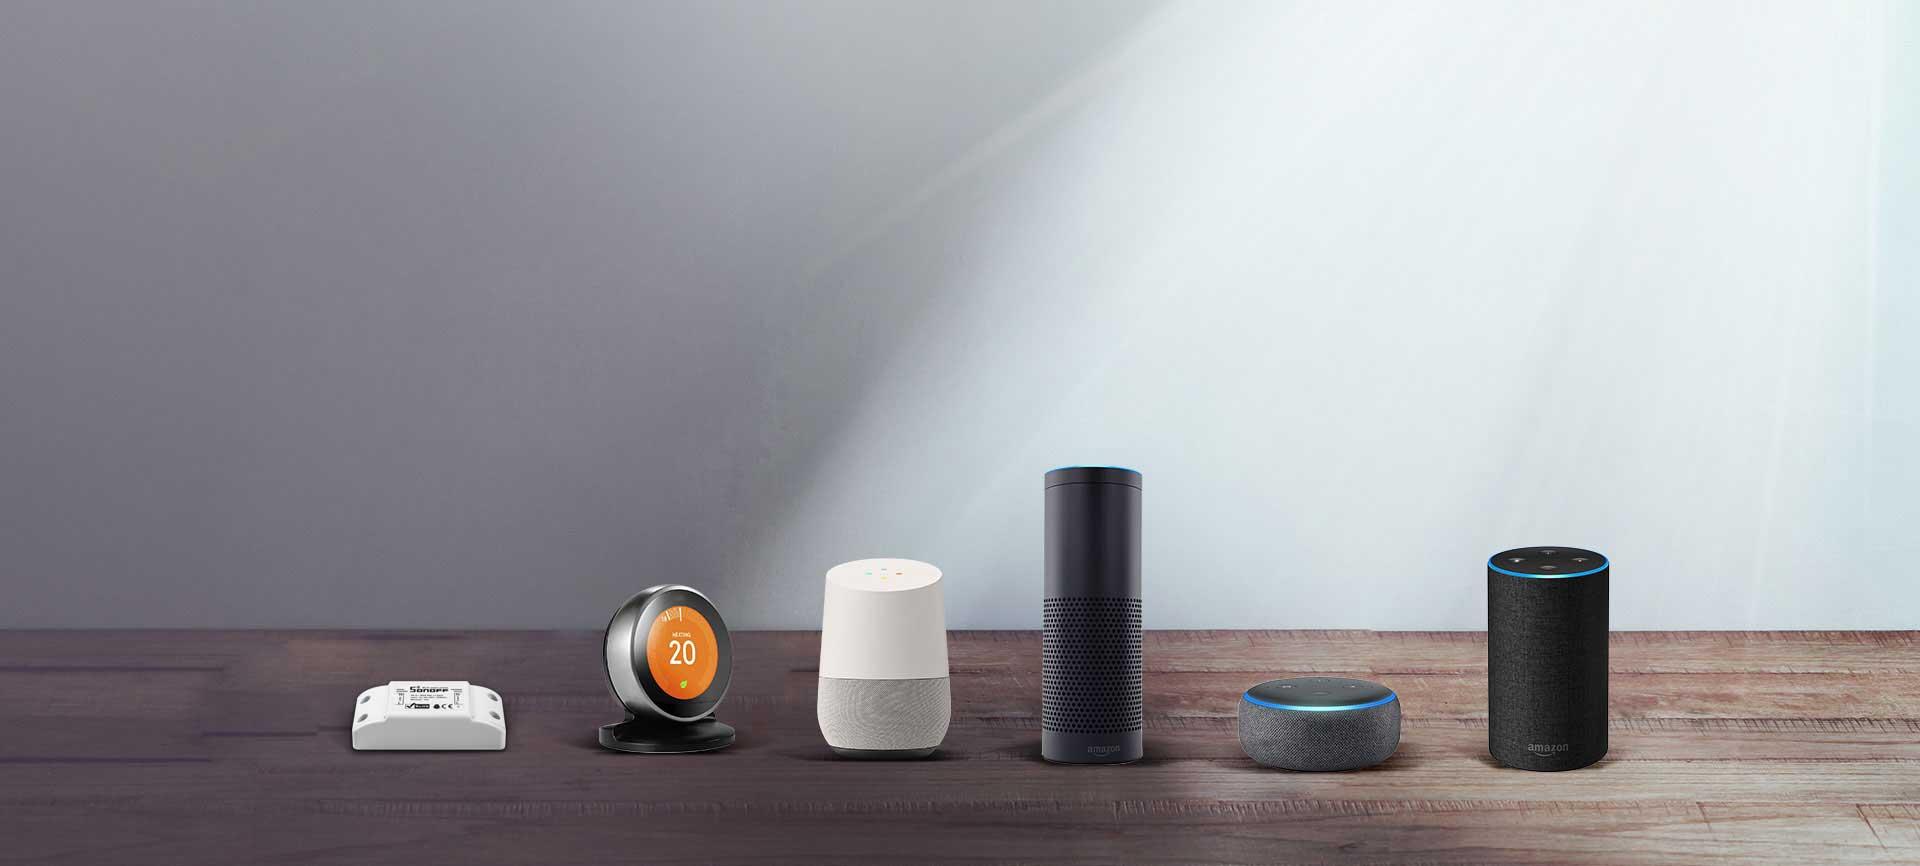 Điều khiển qua giọng nói với Google Home, Alexa Echo